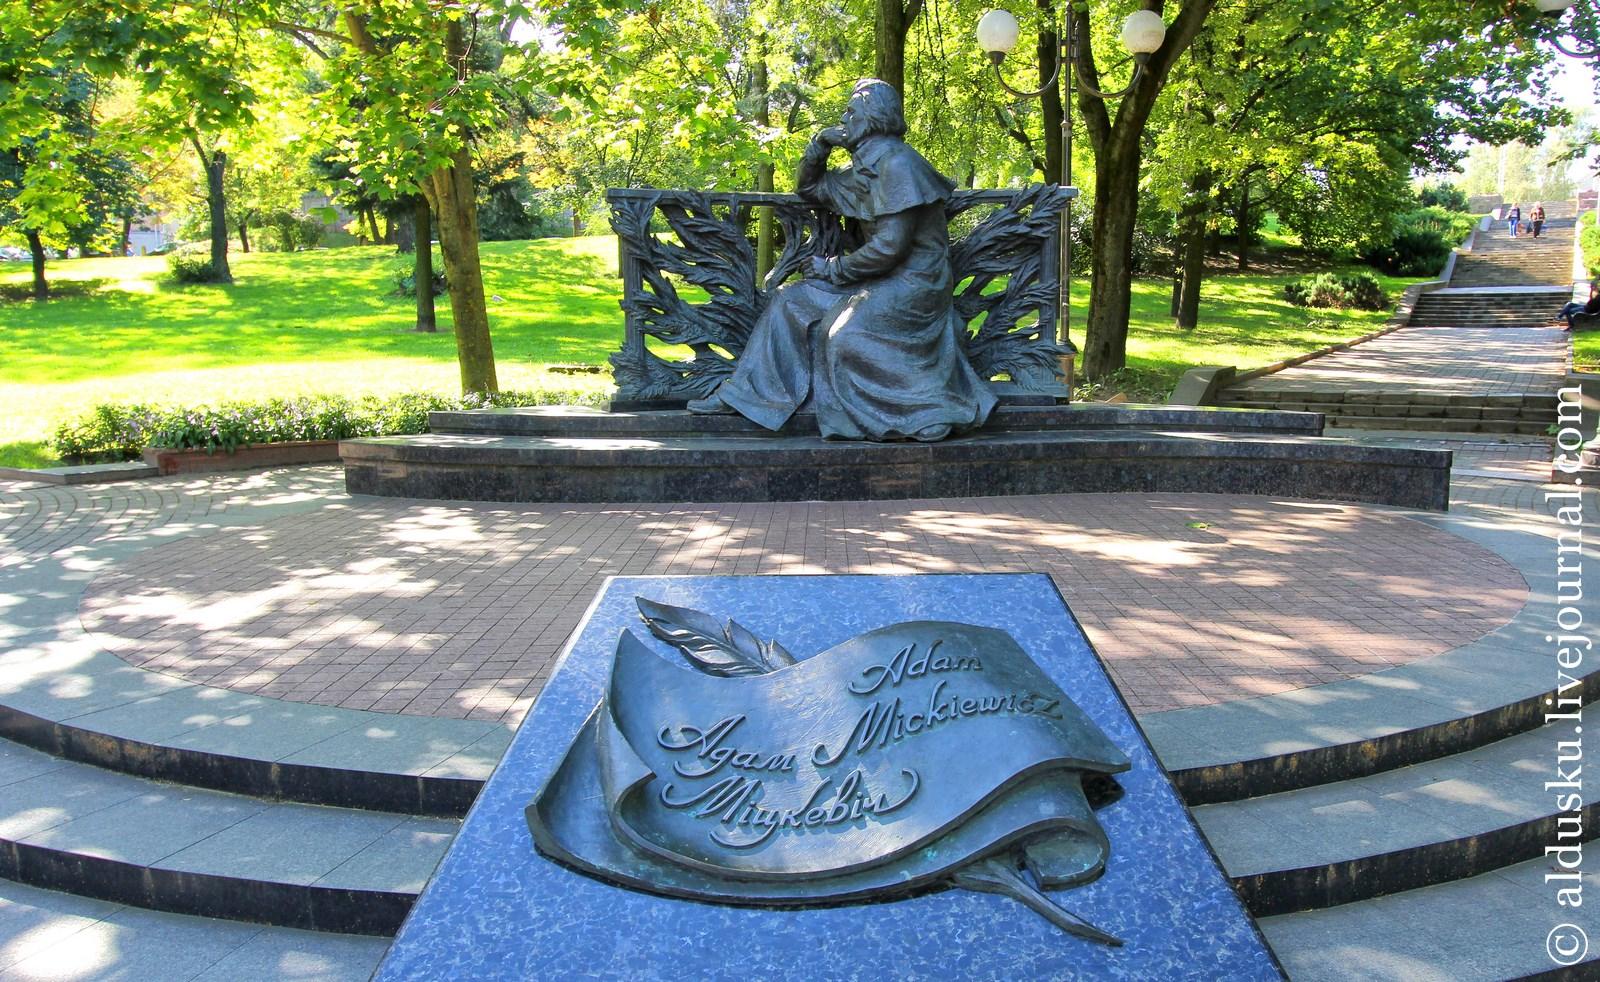 Памятник Адаму Мицкевичу. Его авторами являются А. Финский, А. Заспицкий и Г. Федоров